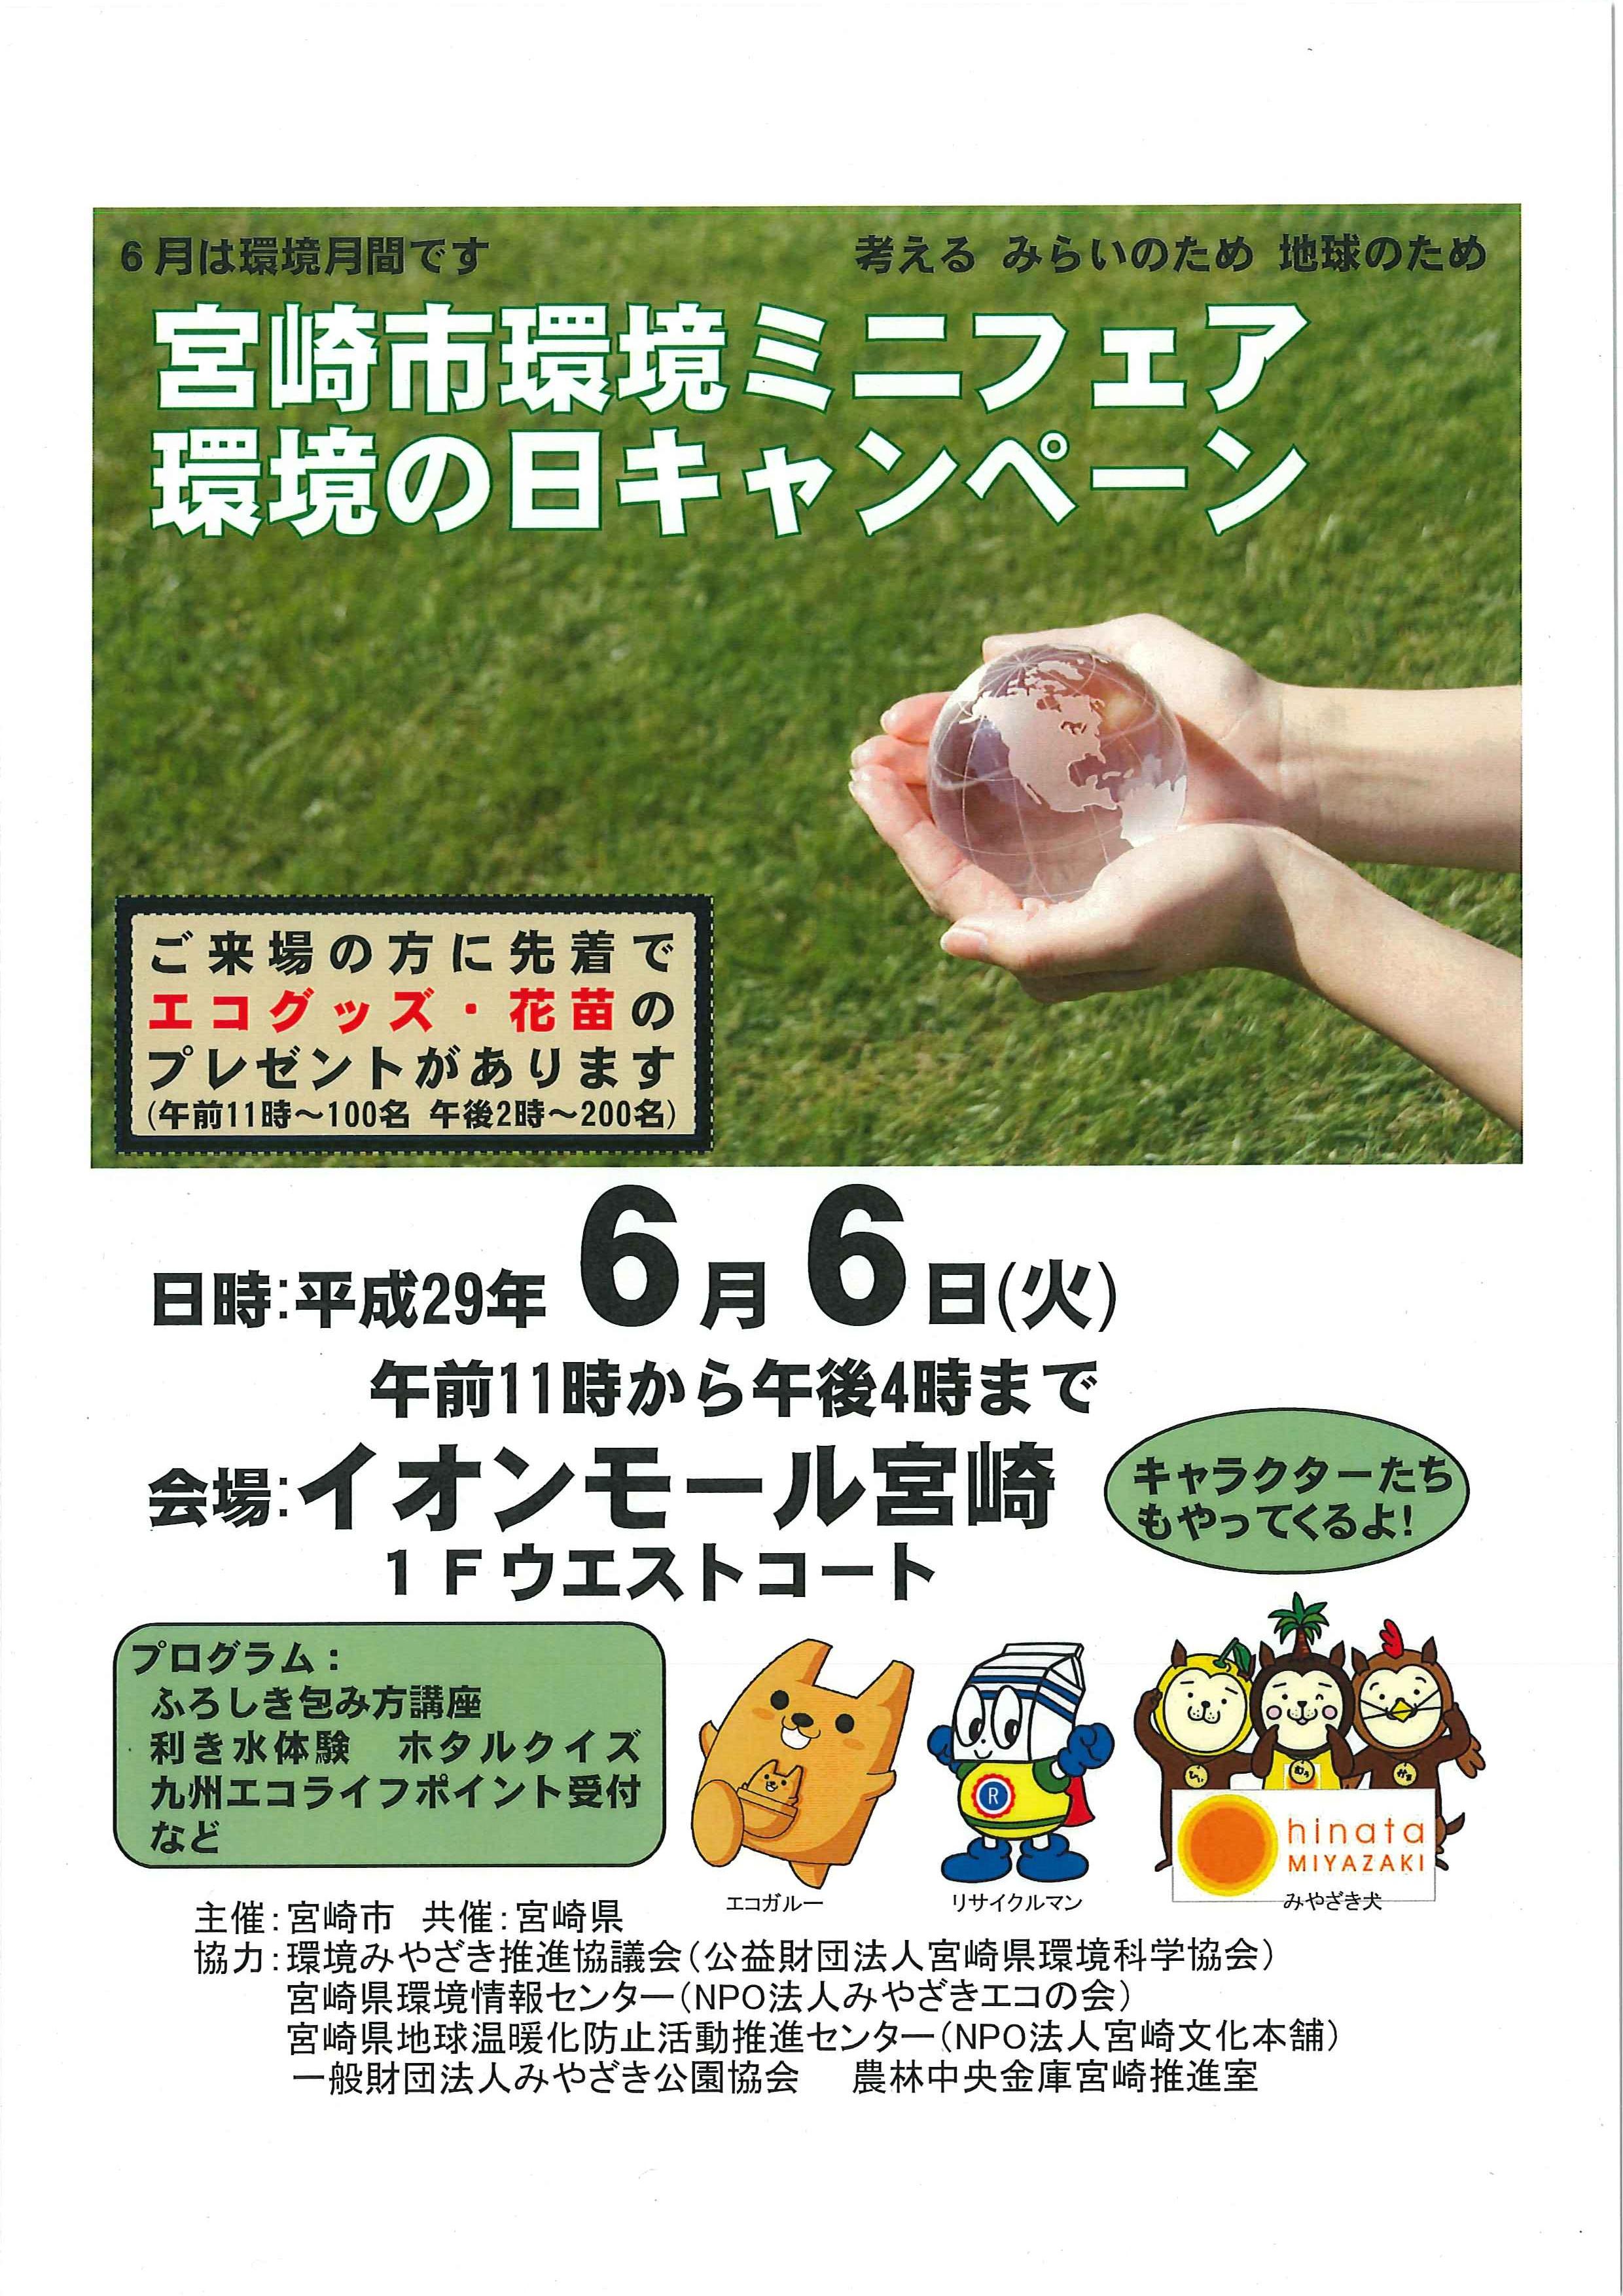 【宮崎市環境ミニフェア】環境の日キャンペーン